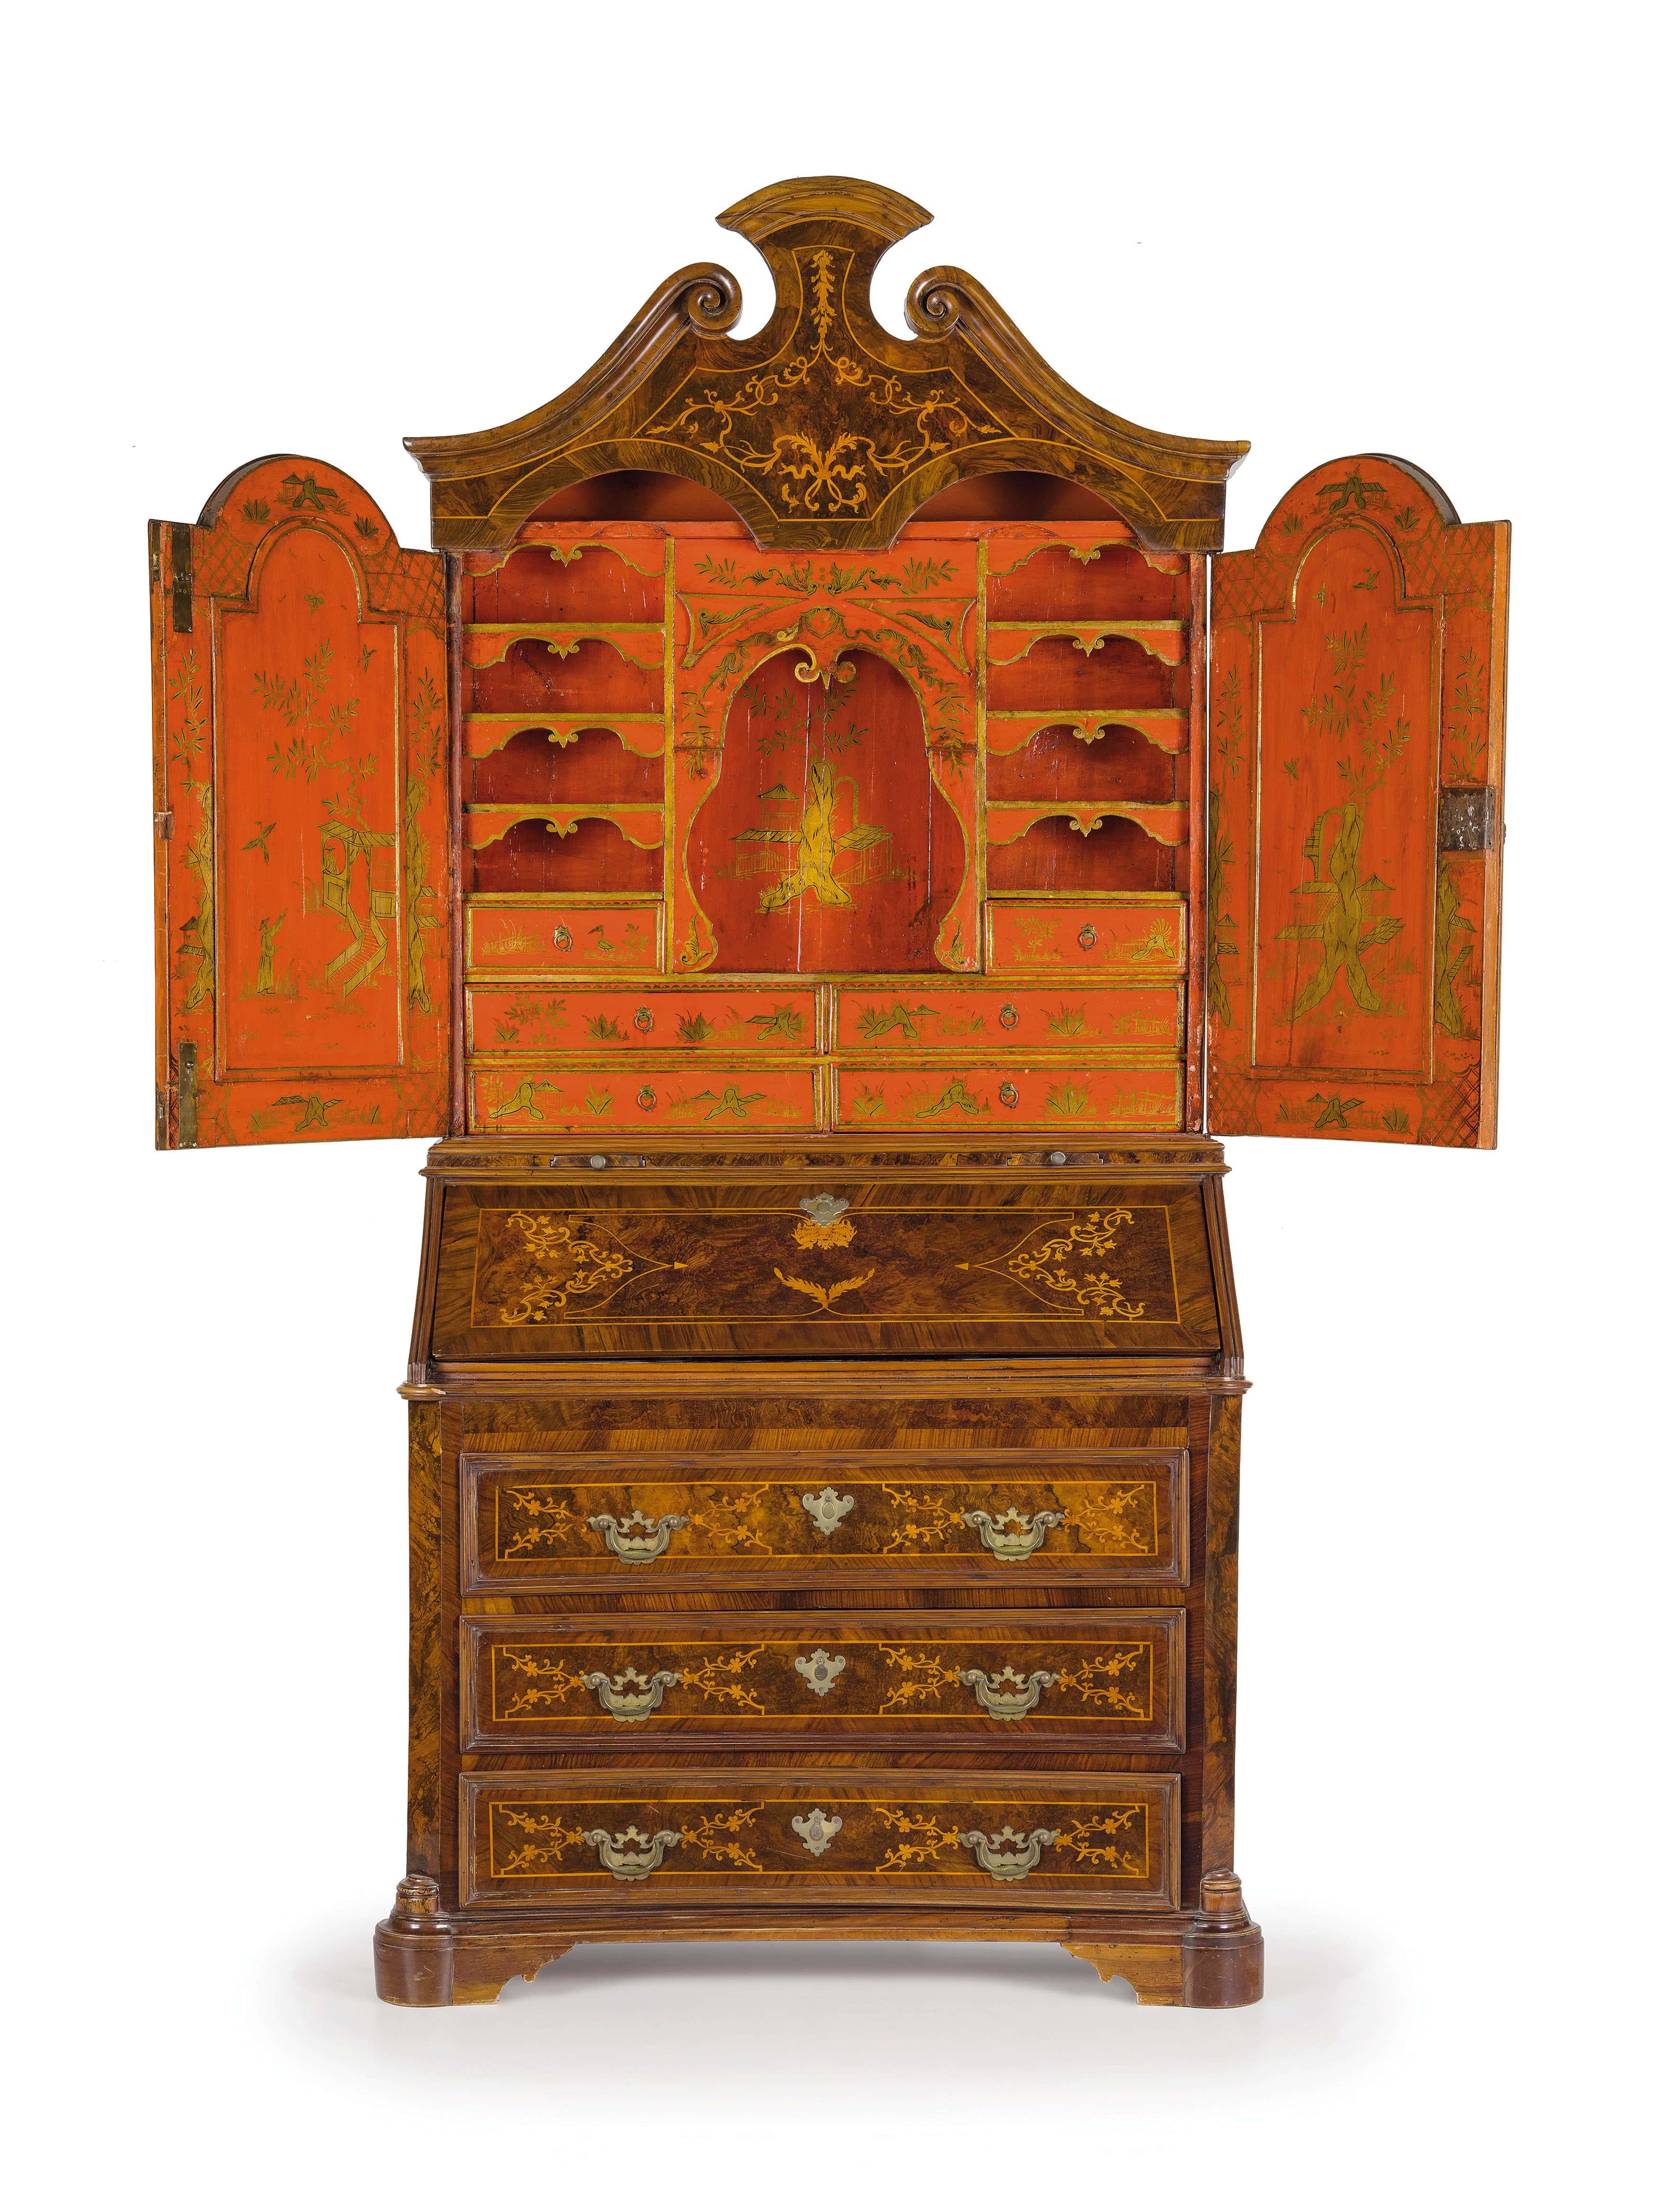 Vente Mobilier, Céramique, Sculptures, Objets d'Art (Genova) chez Wannenes Art Auctions : 599 lots